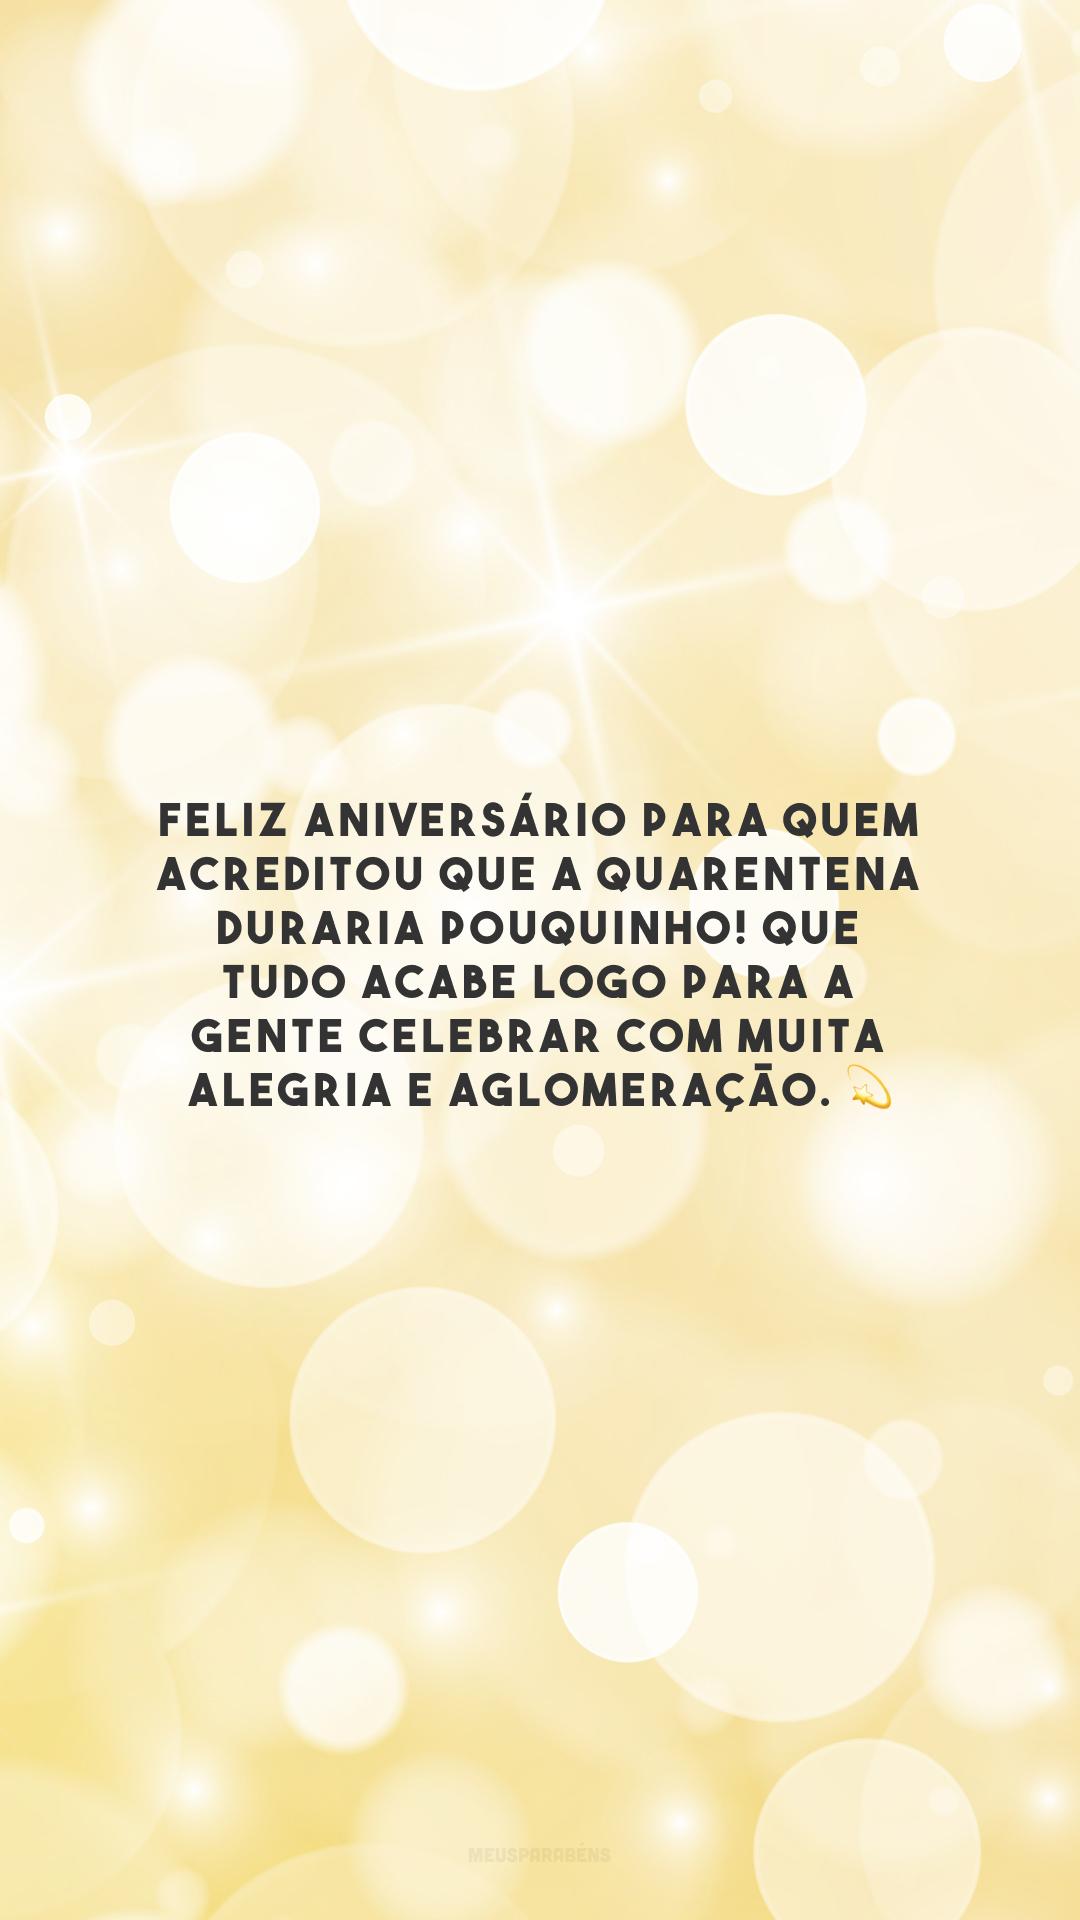 Feliz aniversário para quem acreditou que a quarentena duraria pouquinho! Que tudo acabe logo para a gente celebrar com muita alegria e aglomeração. 💫